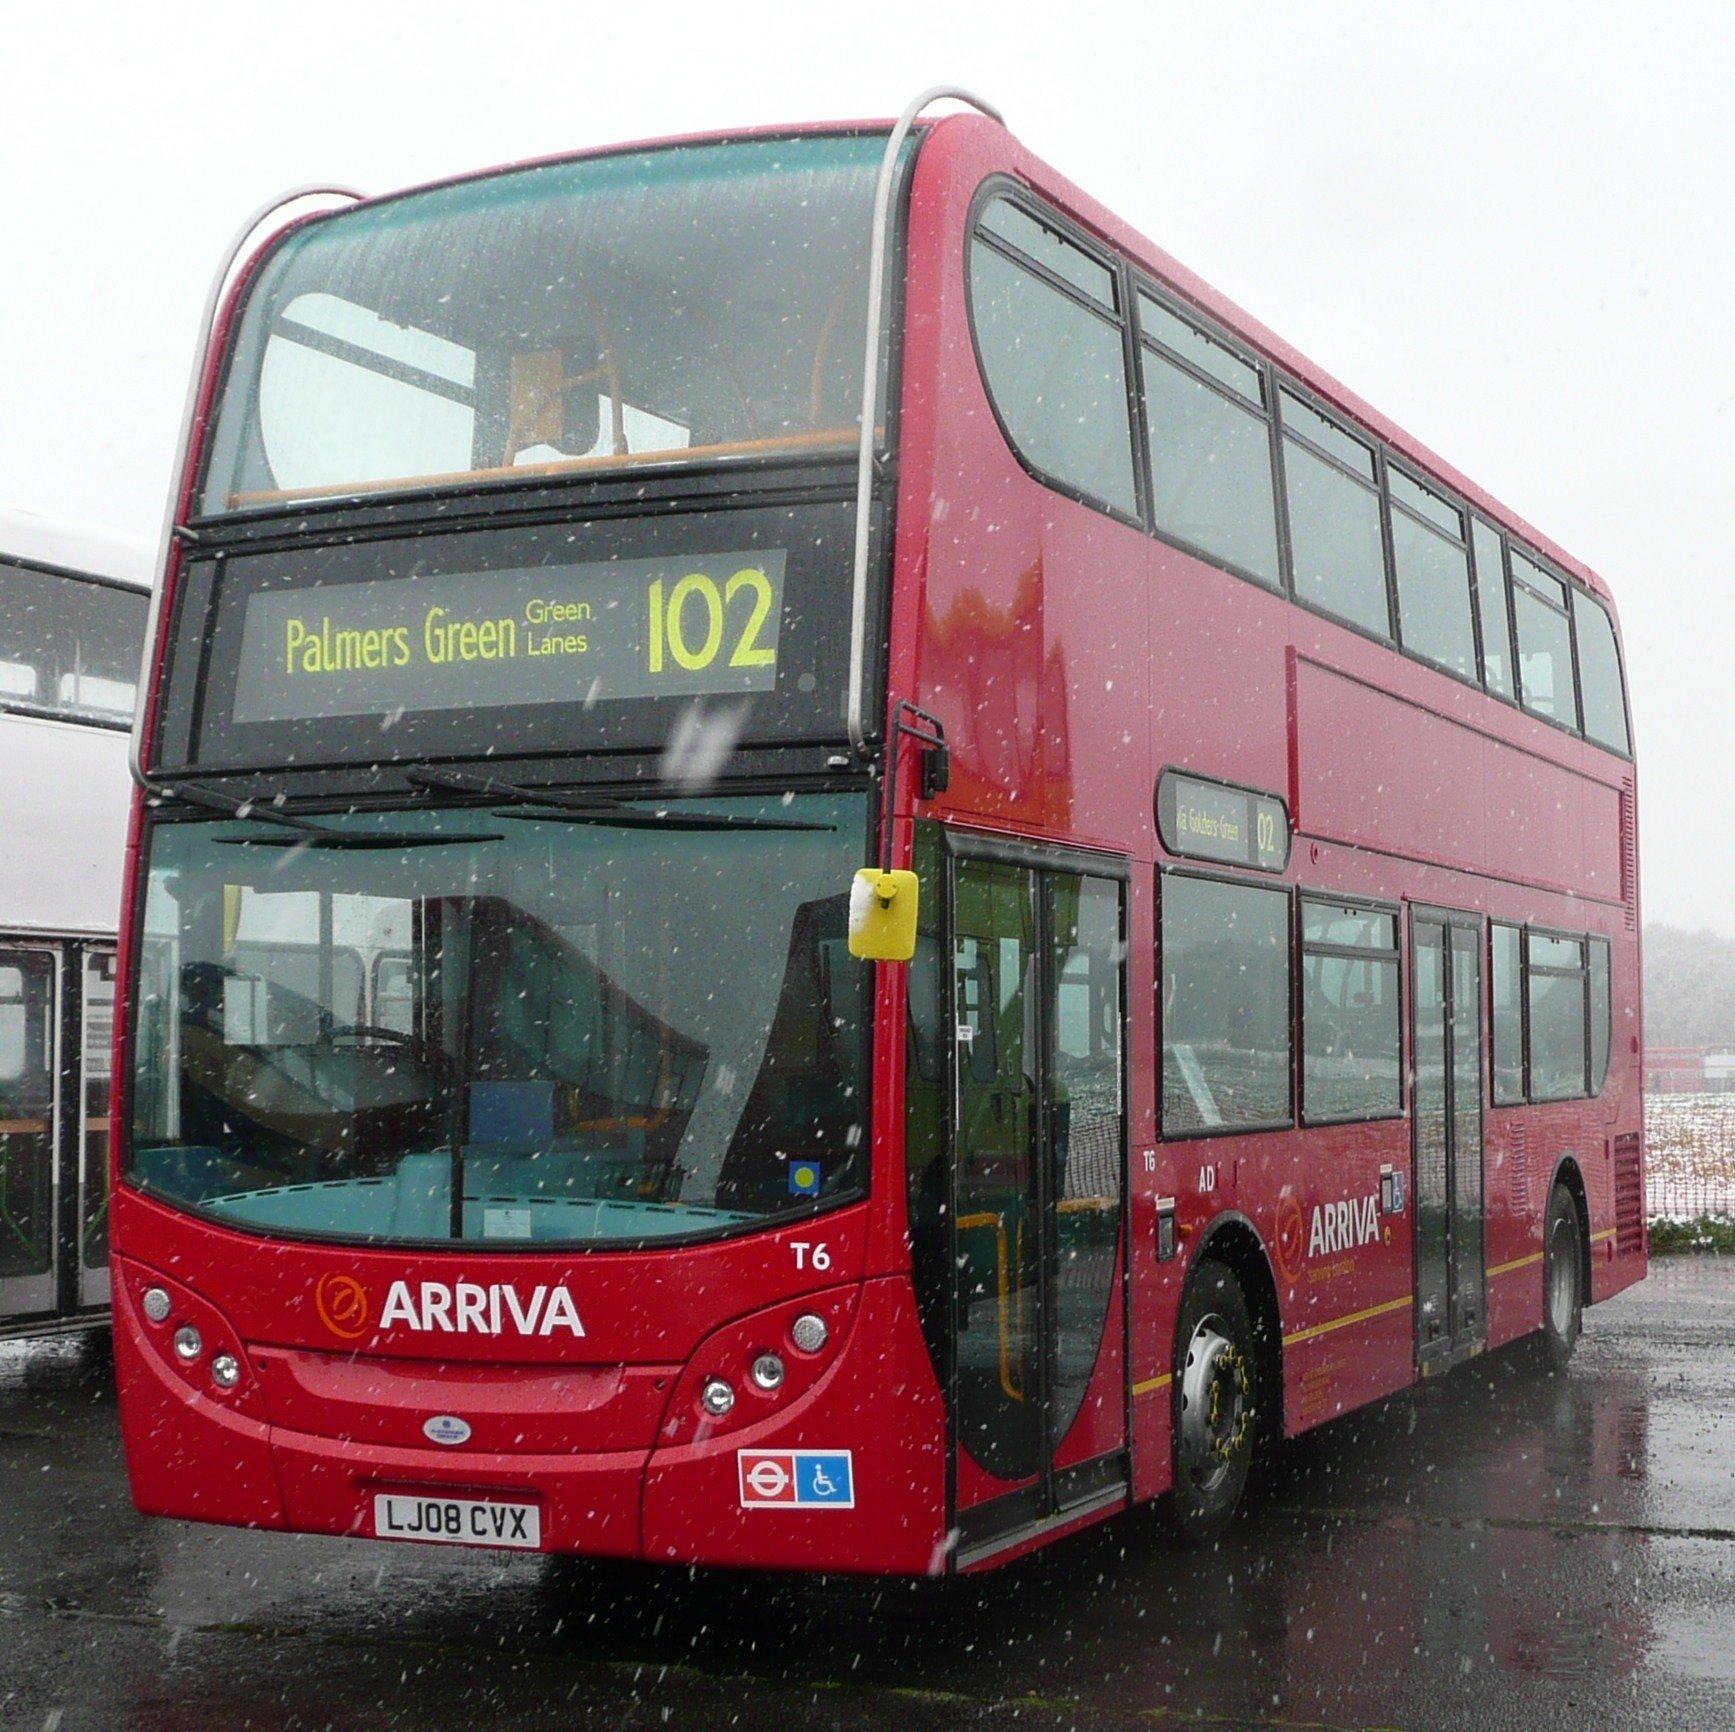 Ирэх оноос давхар автобус, 1000 таксиг үйлчилгээнд явна